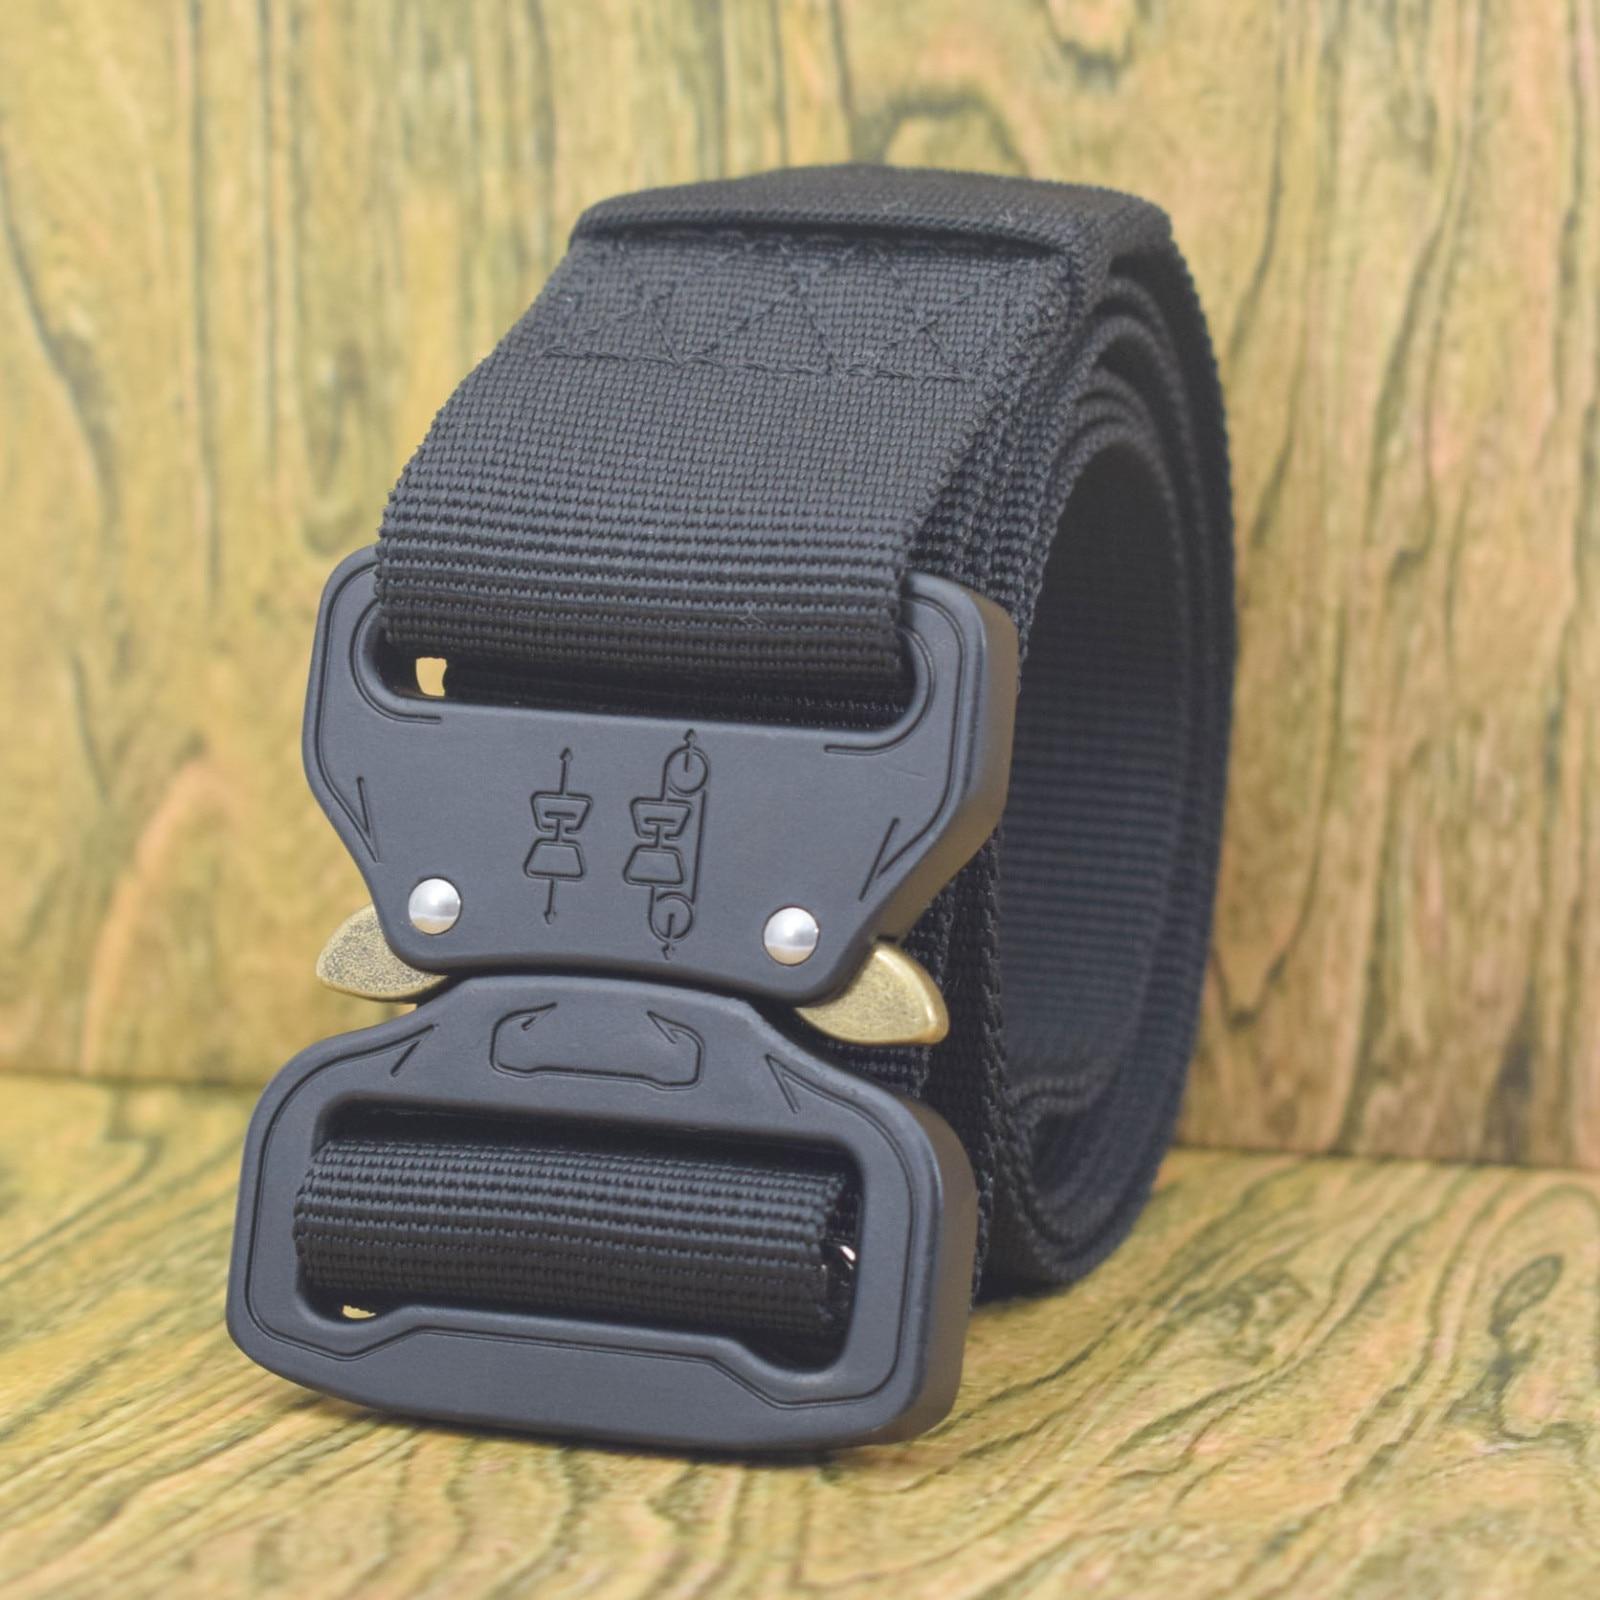 Новый многофункциональный ремень Cobra 3,8 см для тренировок на открытом воздухе нейлоновый ремень для мужчин аксессуары ceinture homme украшение поясной ремень cinto